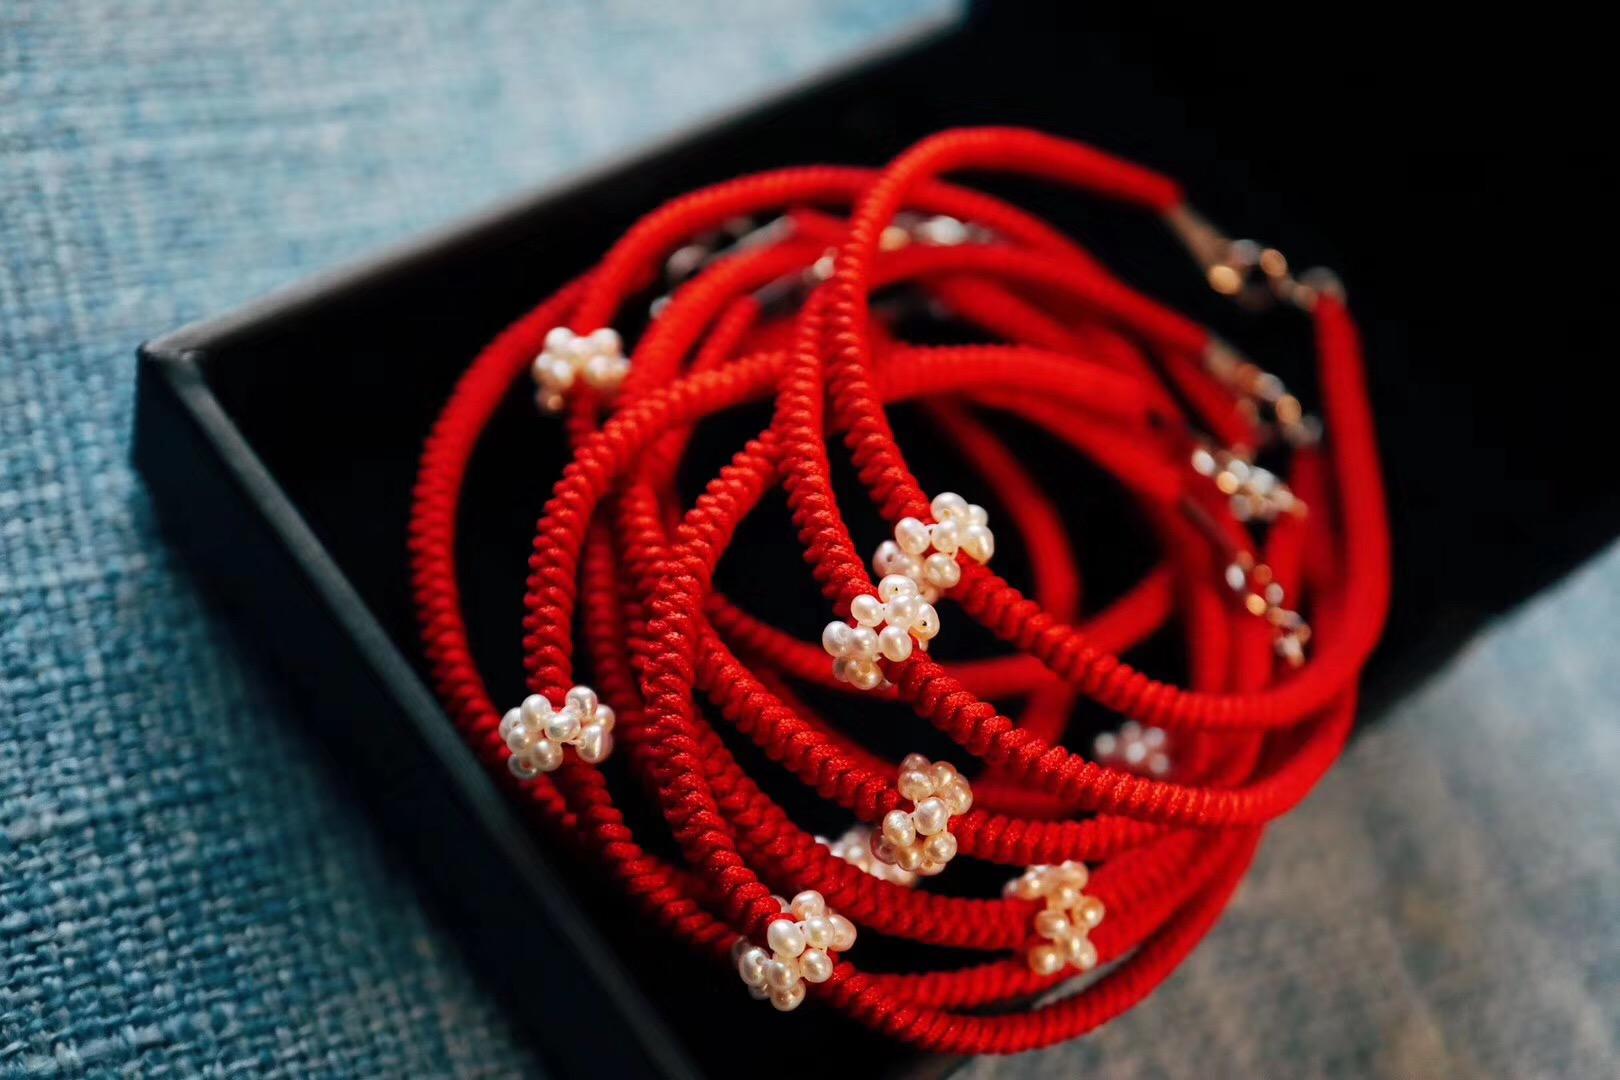 今年菩心的红绳,配了小珍珠-菩心晶舍